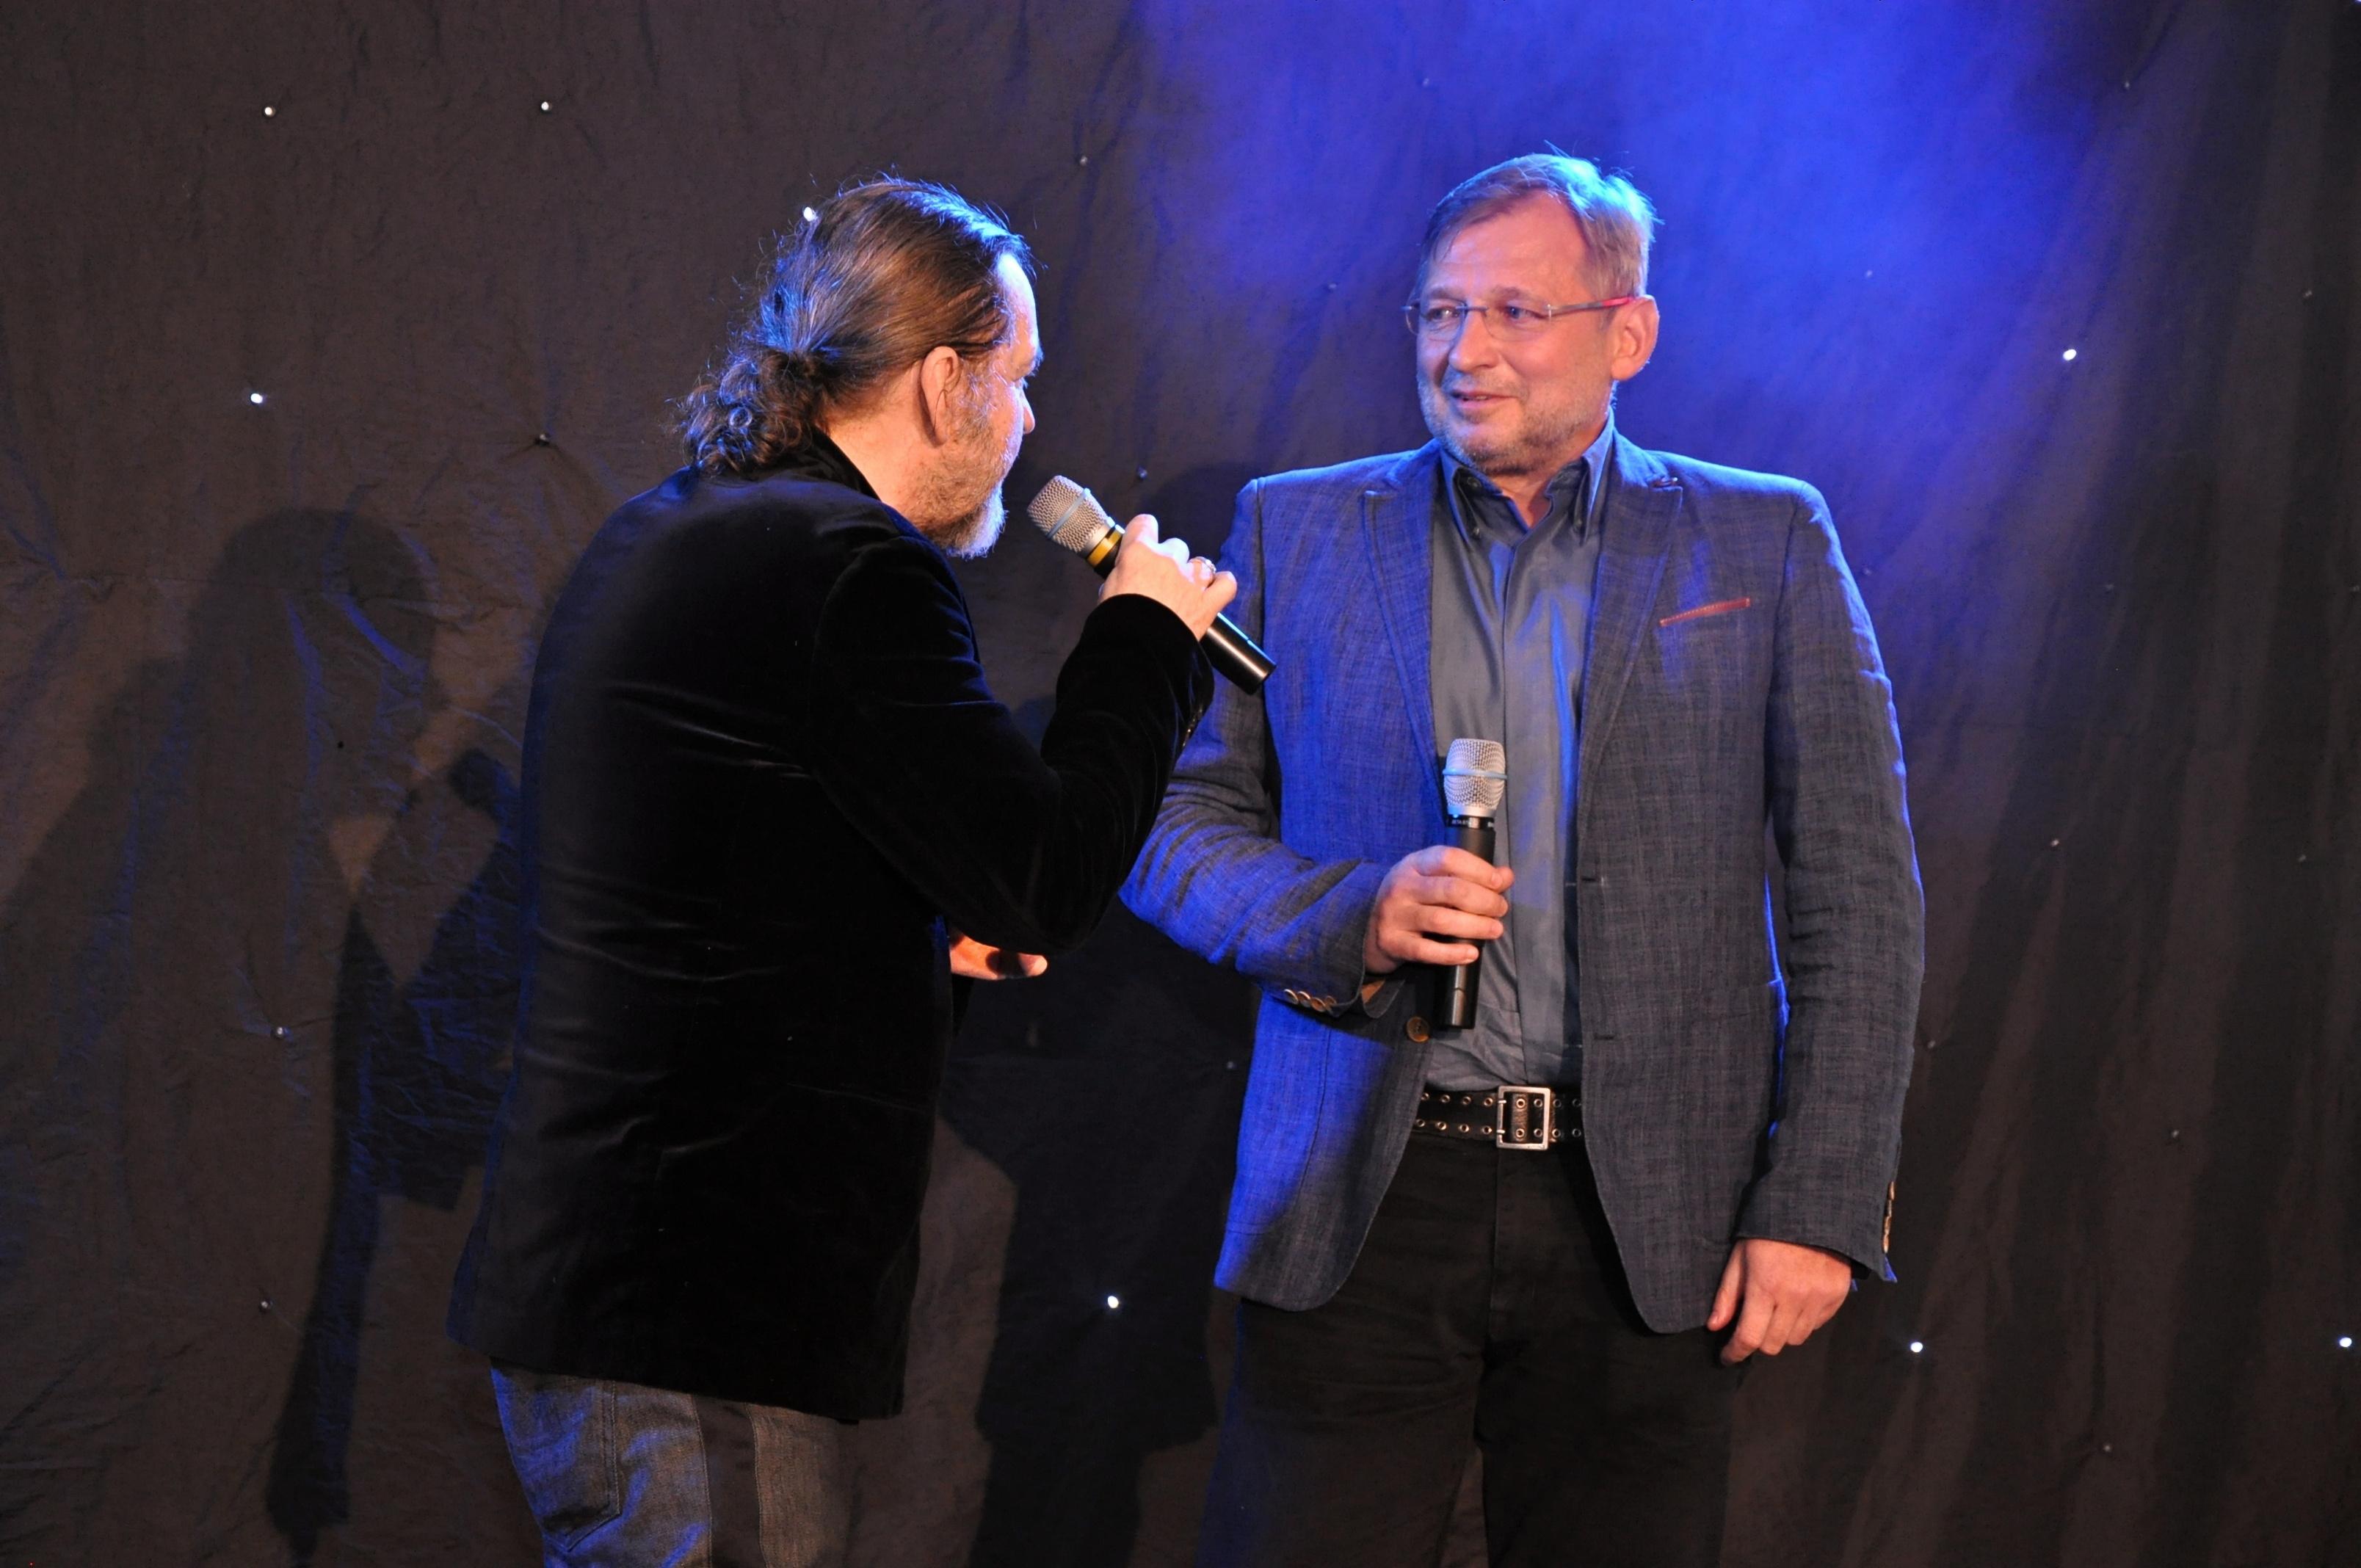 Petr_Průša_Photo092